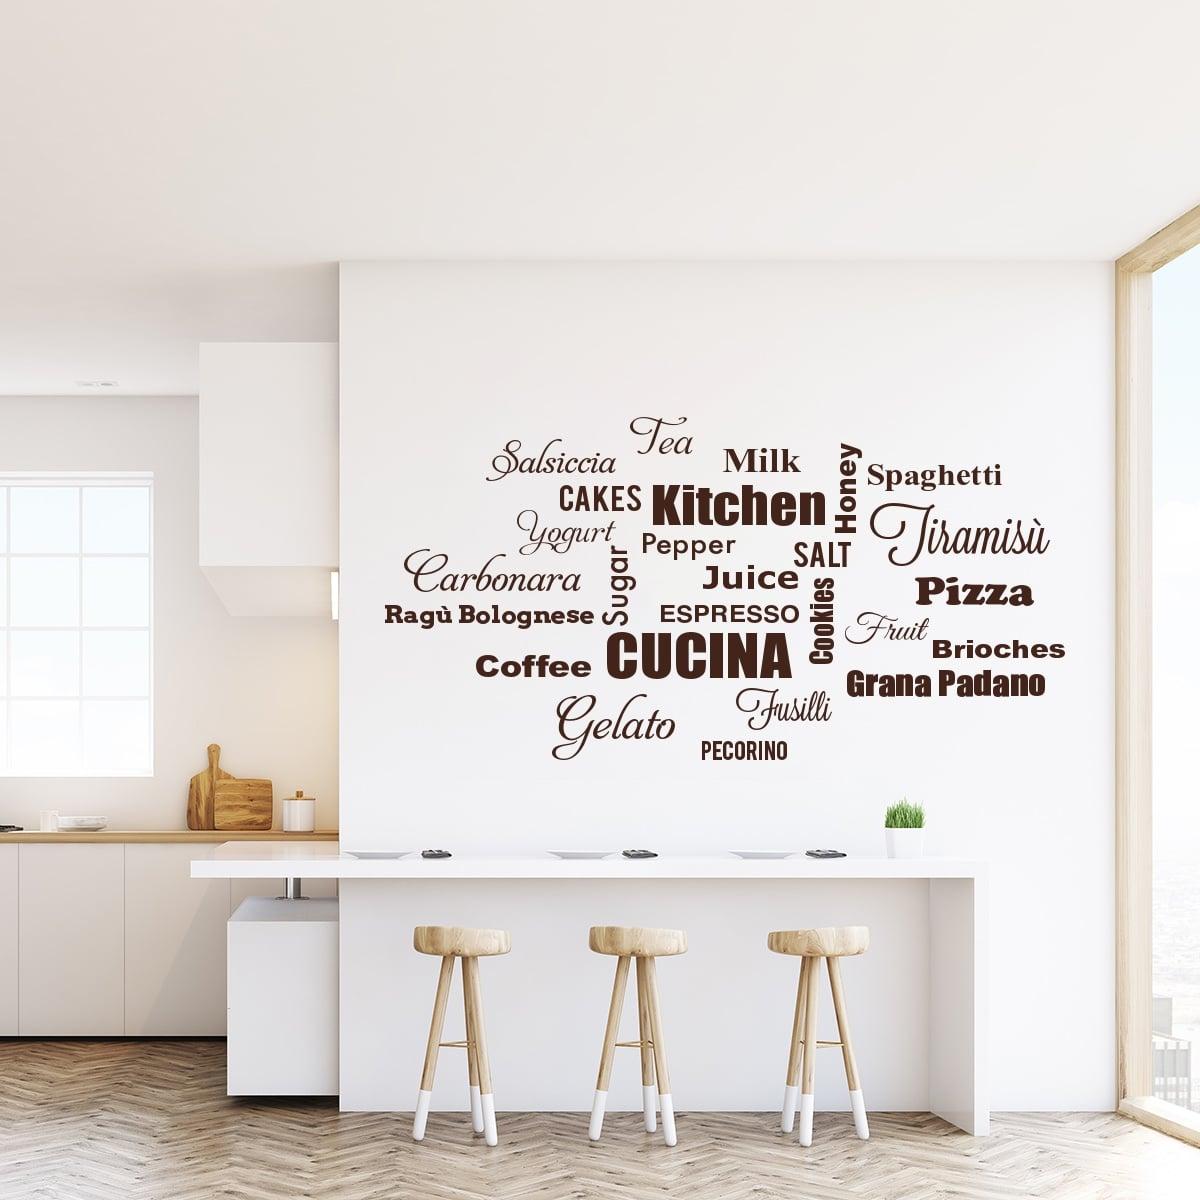 Adesivo Murale Nuvola Di Parole Cibo In Cucina Decorazione Pareti Cucina Olalla